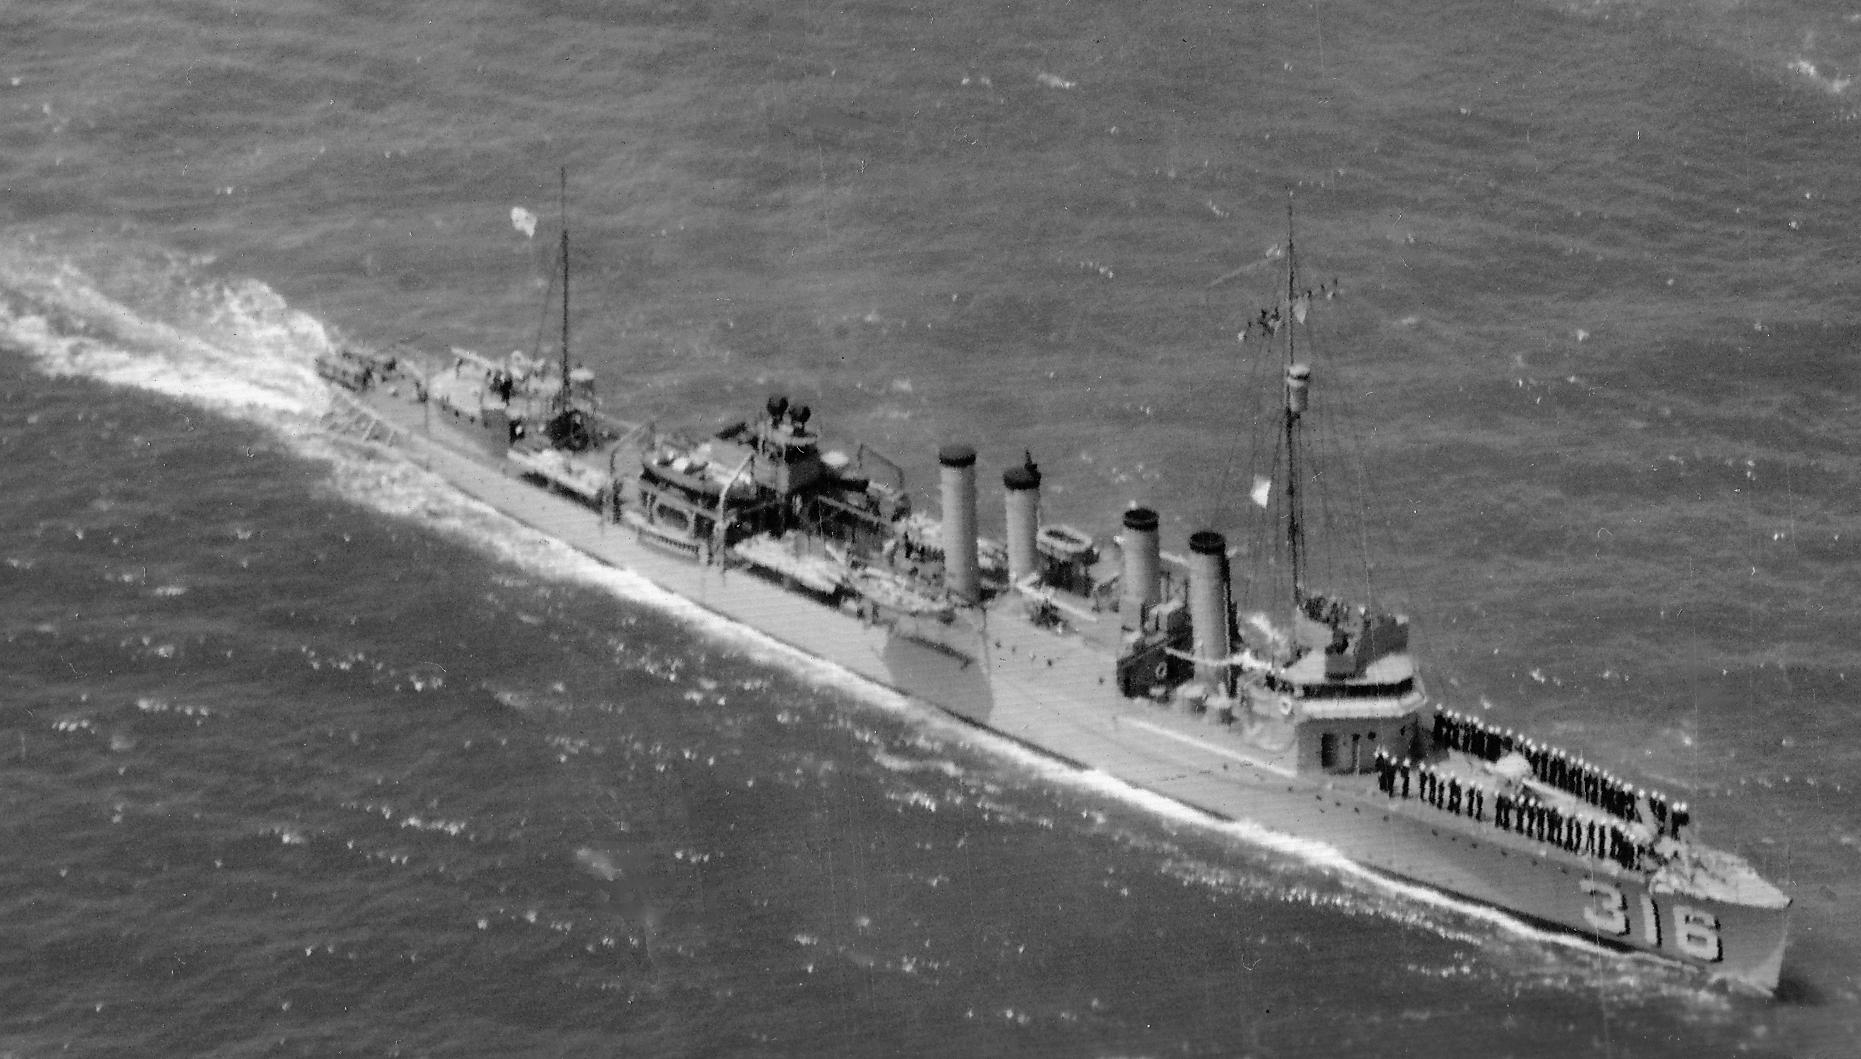 USS Sloat